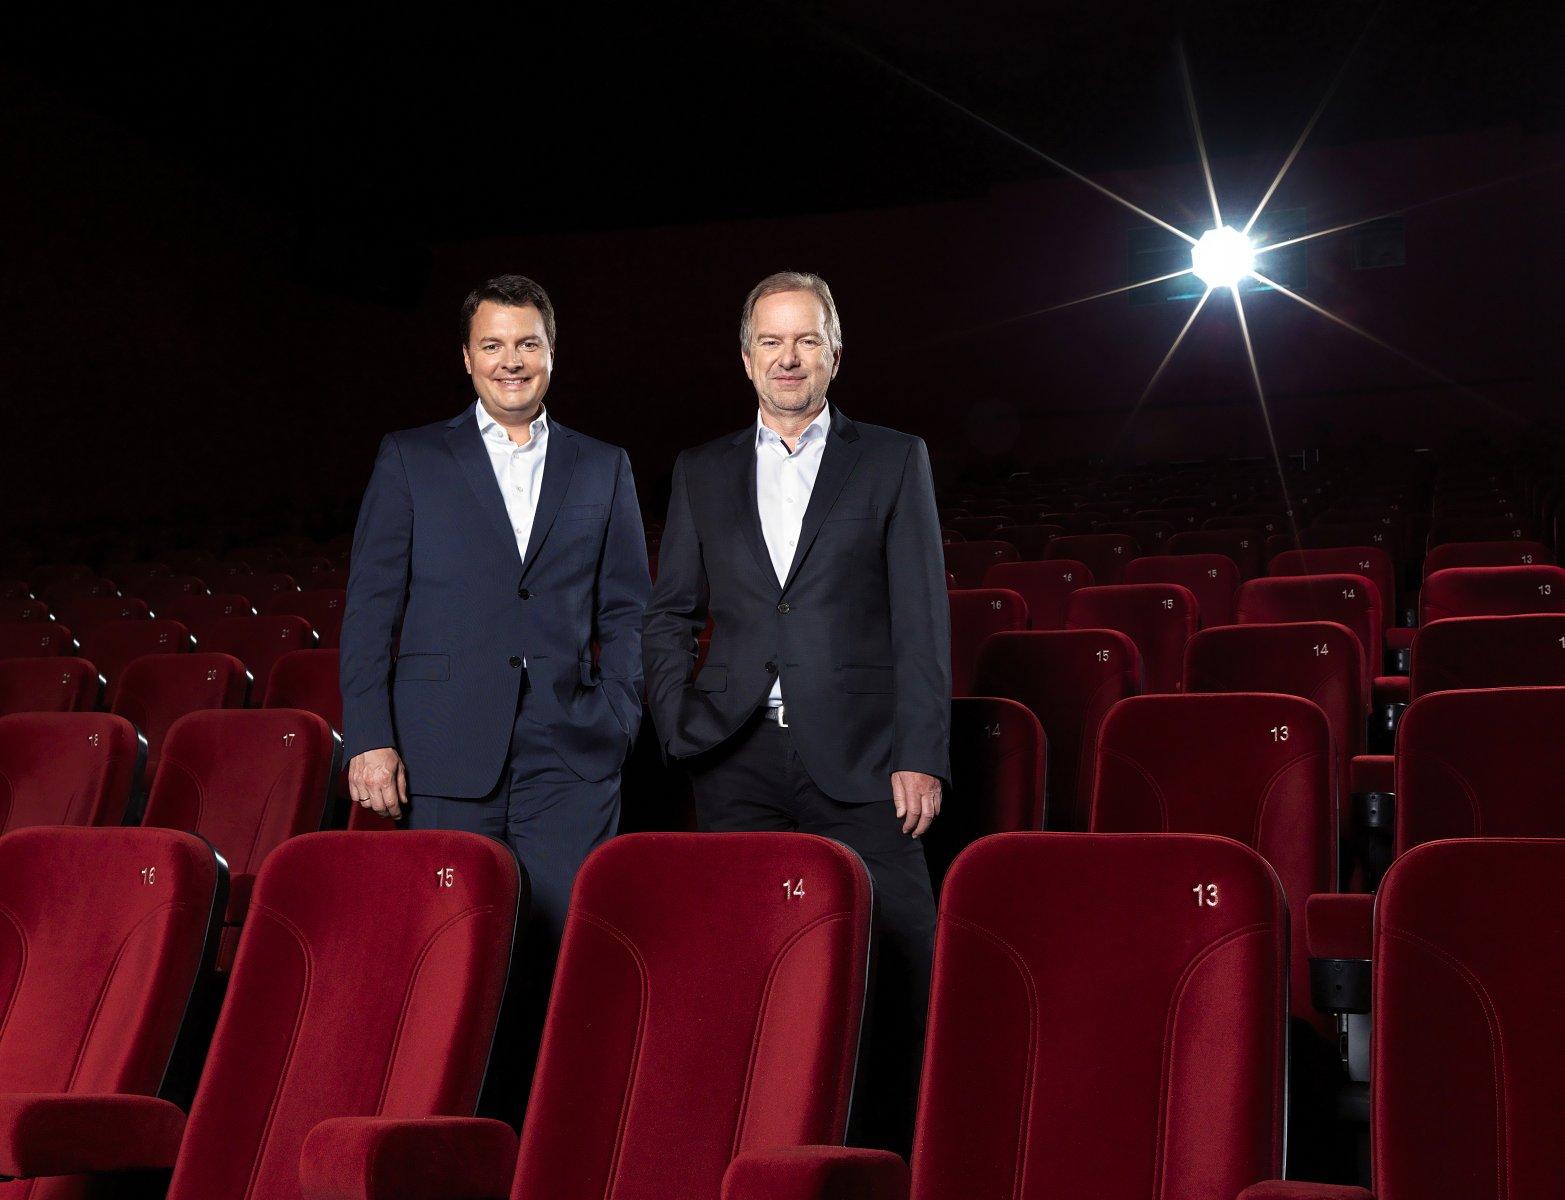 Крістоф Папоусек, фінансовий директор і керуючий партнер Cineplexx International (зліва) і Крістіан Ленгхаммер, генеральний директор і партнер Cineplexx (справа)